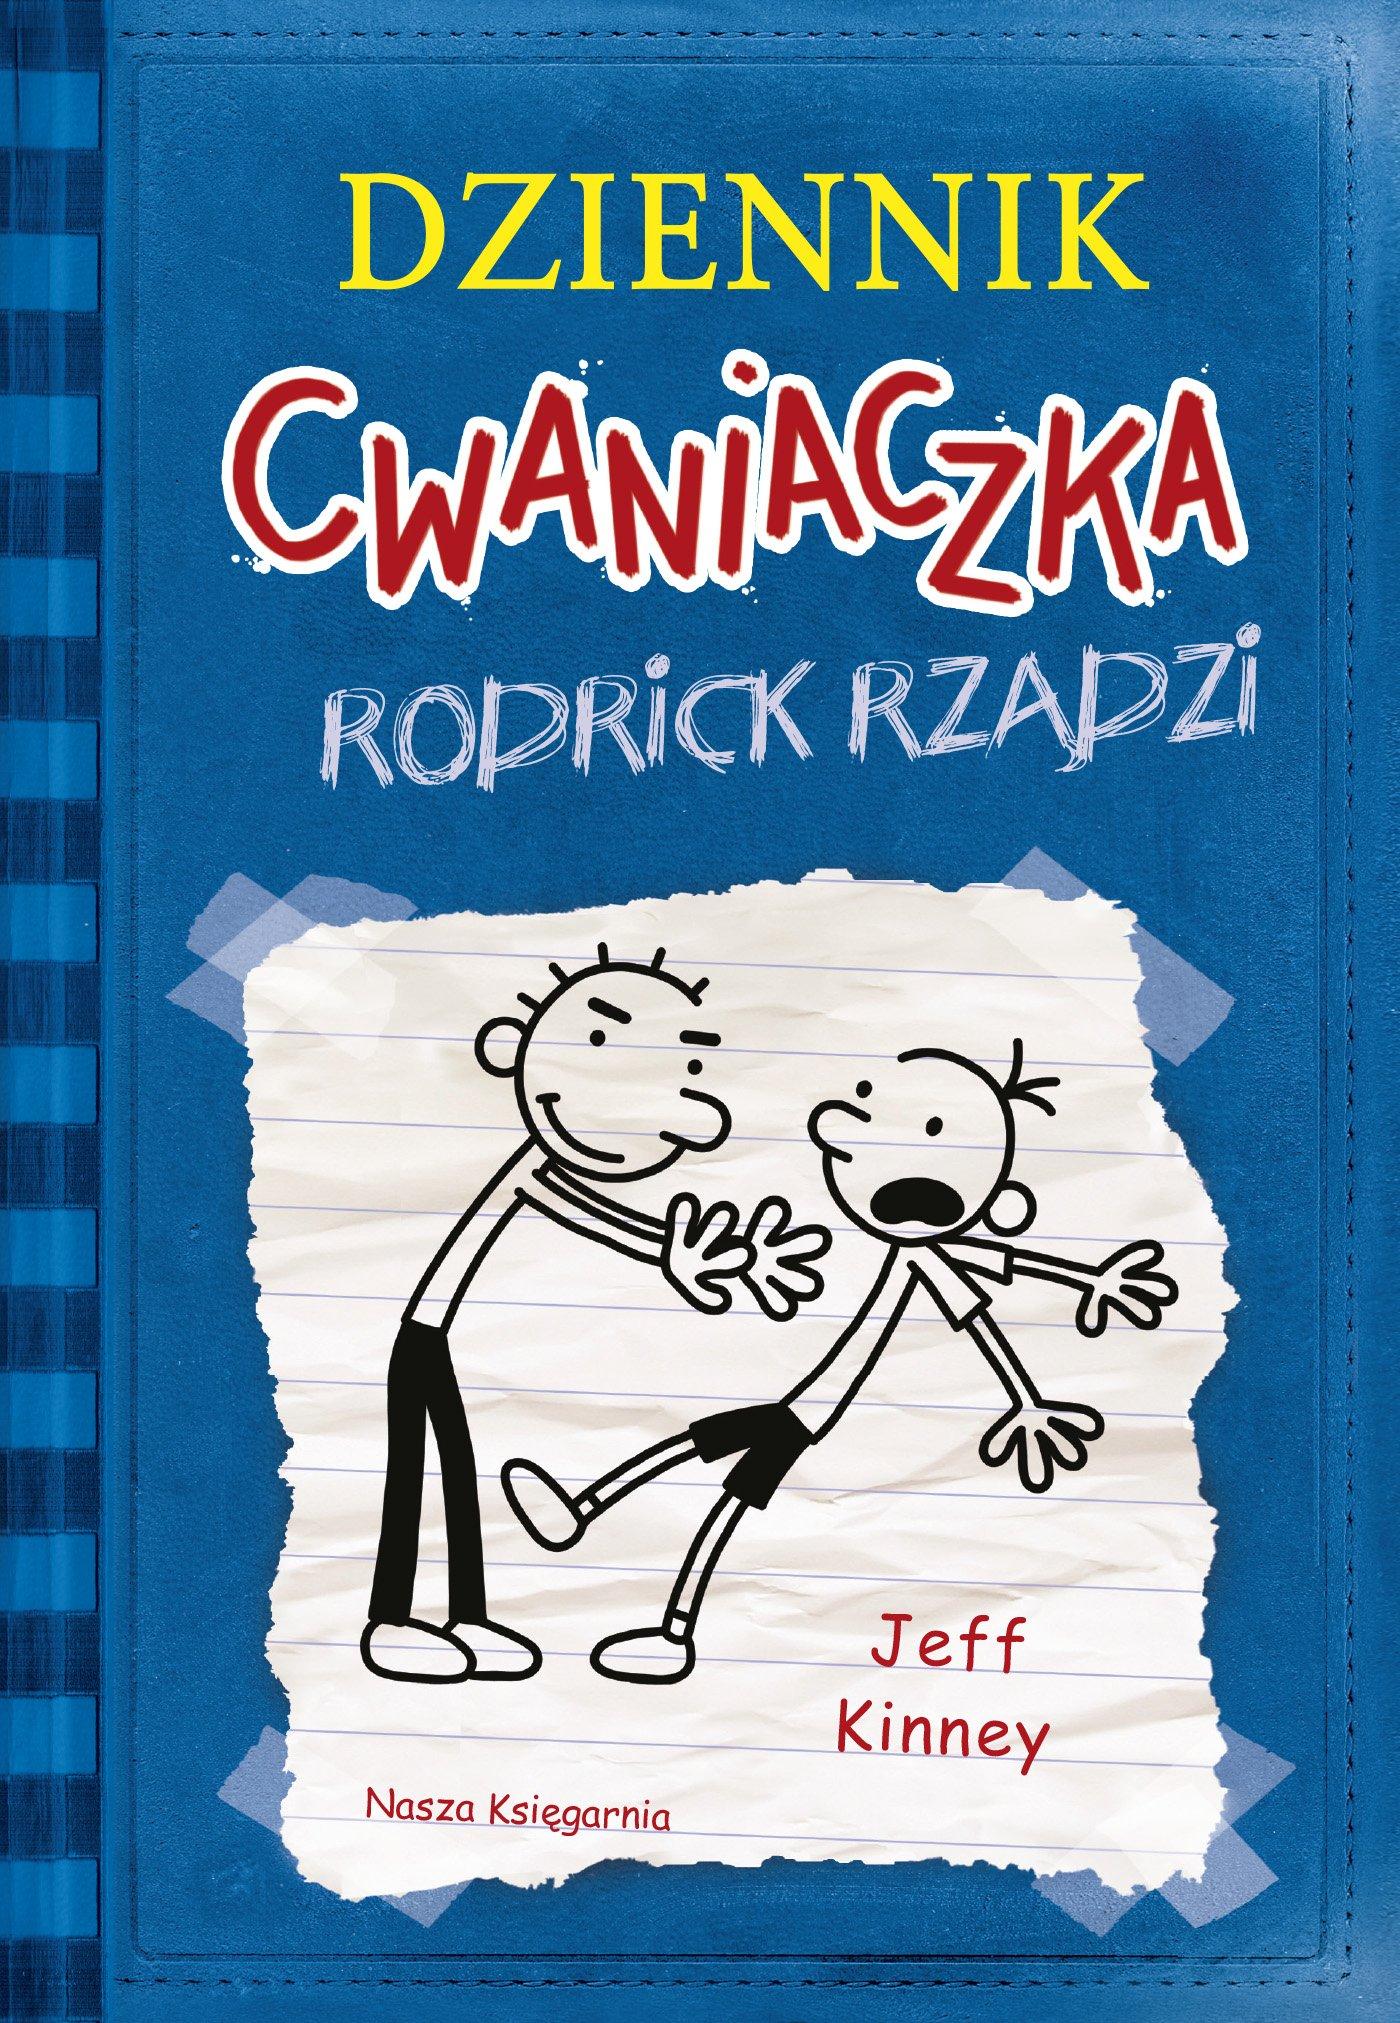 Dziennik Cwaniaczka 2 Rodrick rządzi - Ebook (Książka EPUB) do pobrania w formacie EPUB